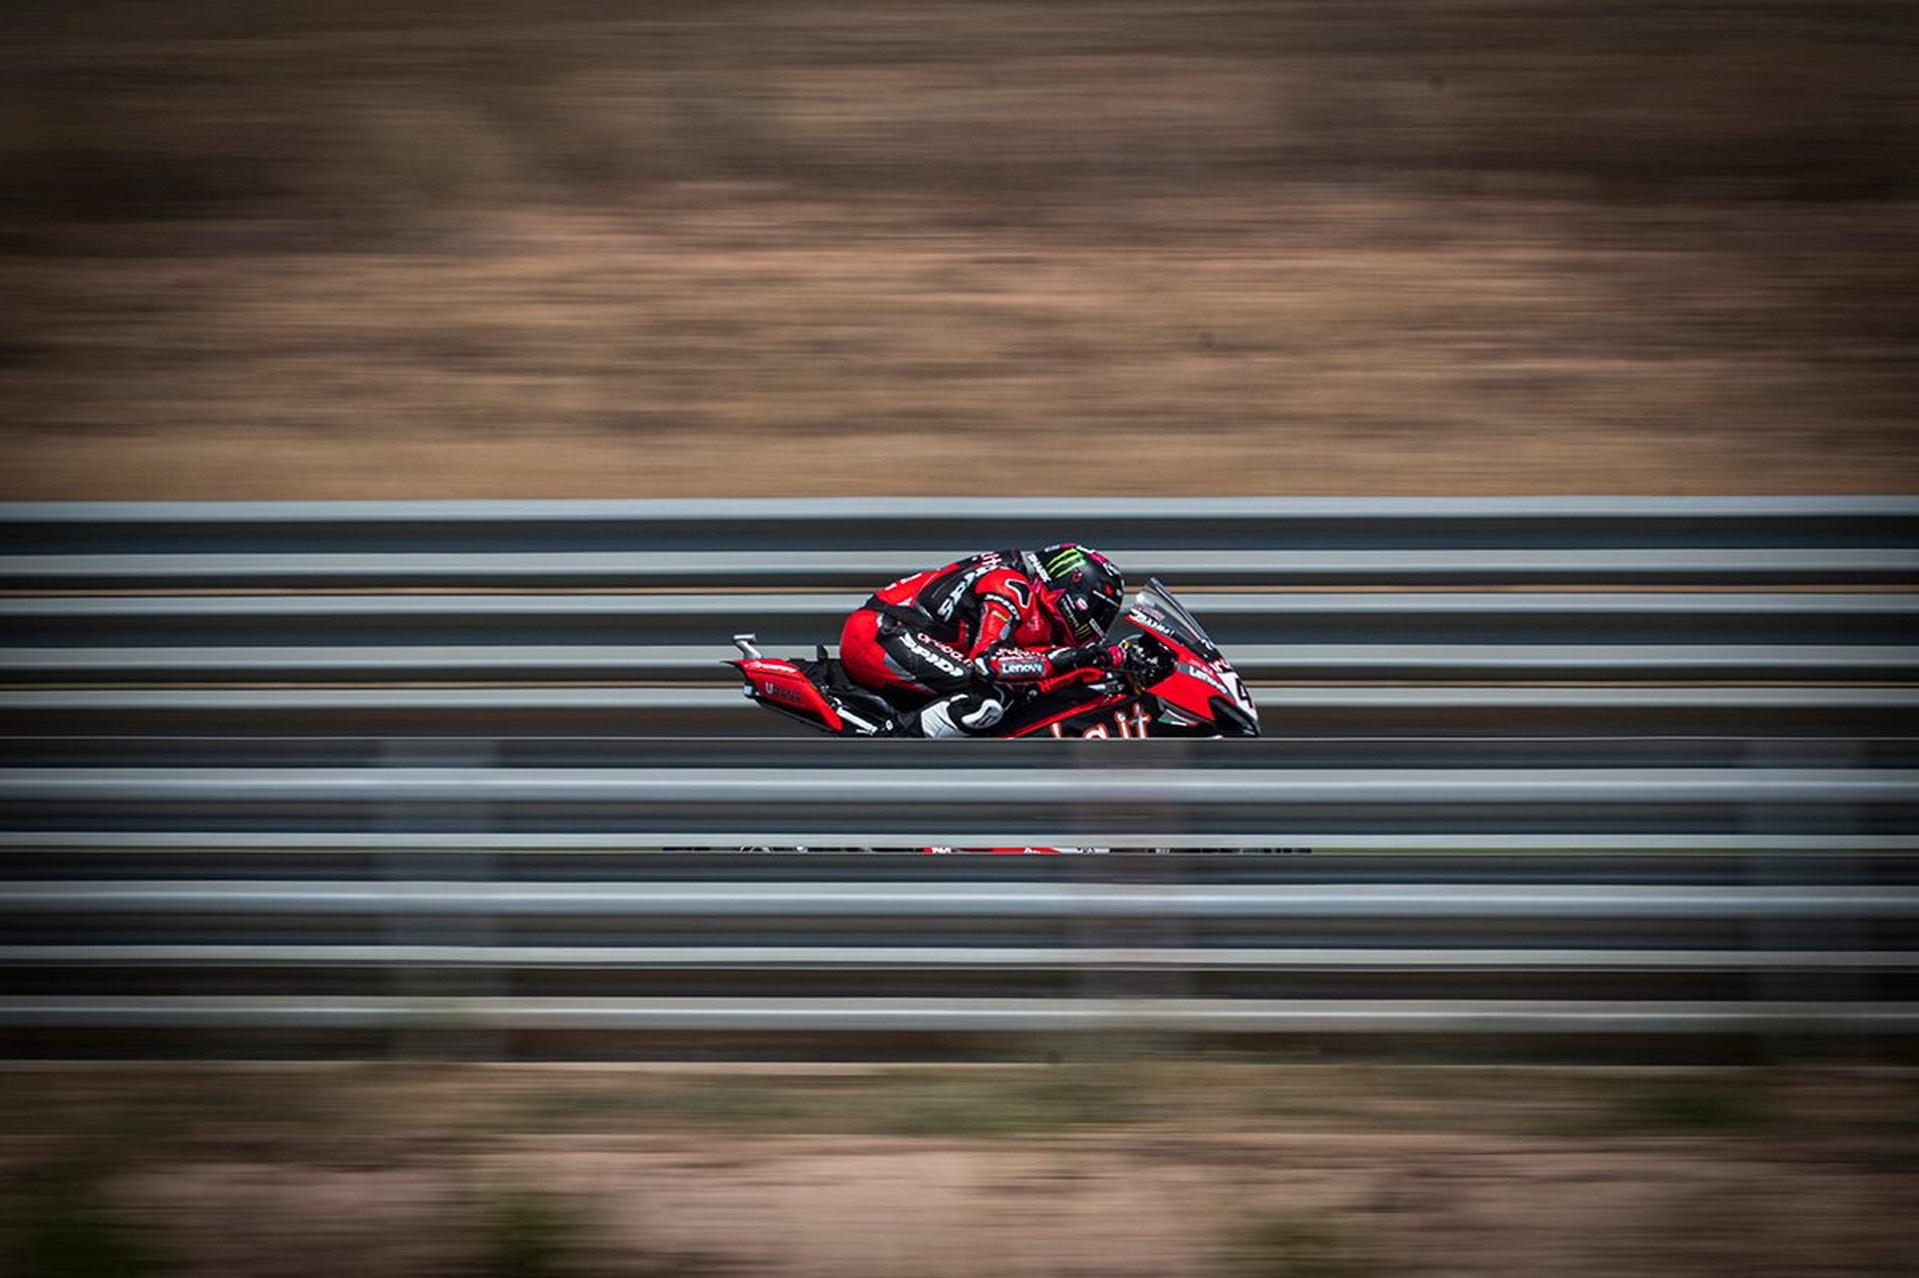 WorldSBK – Superpole Race – Navarra – Redding